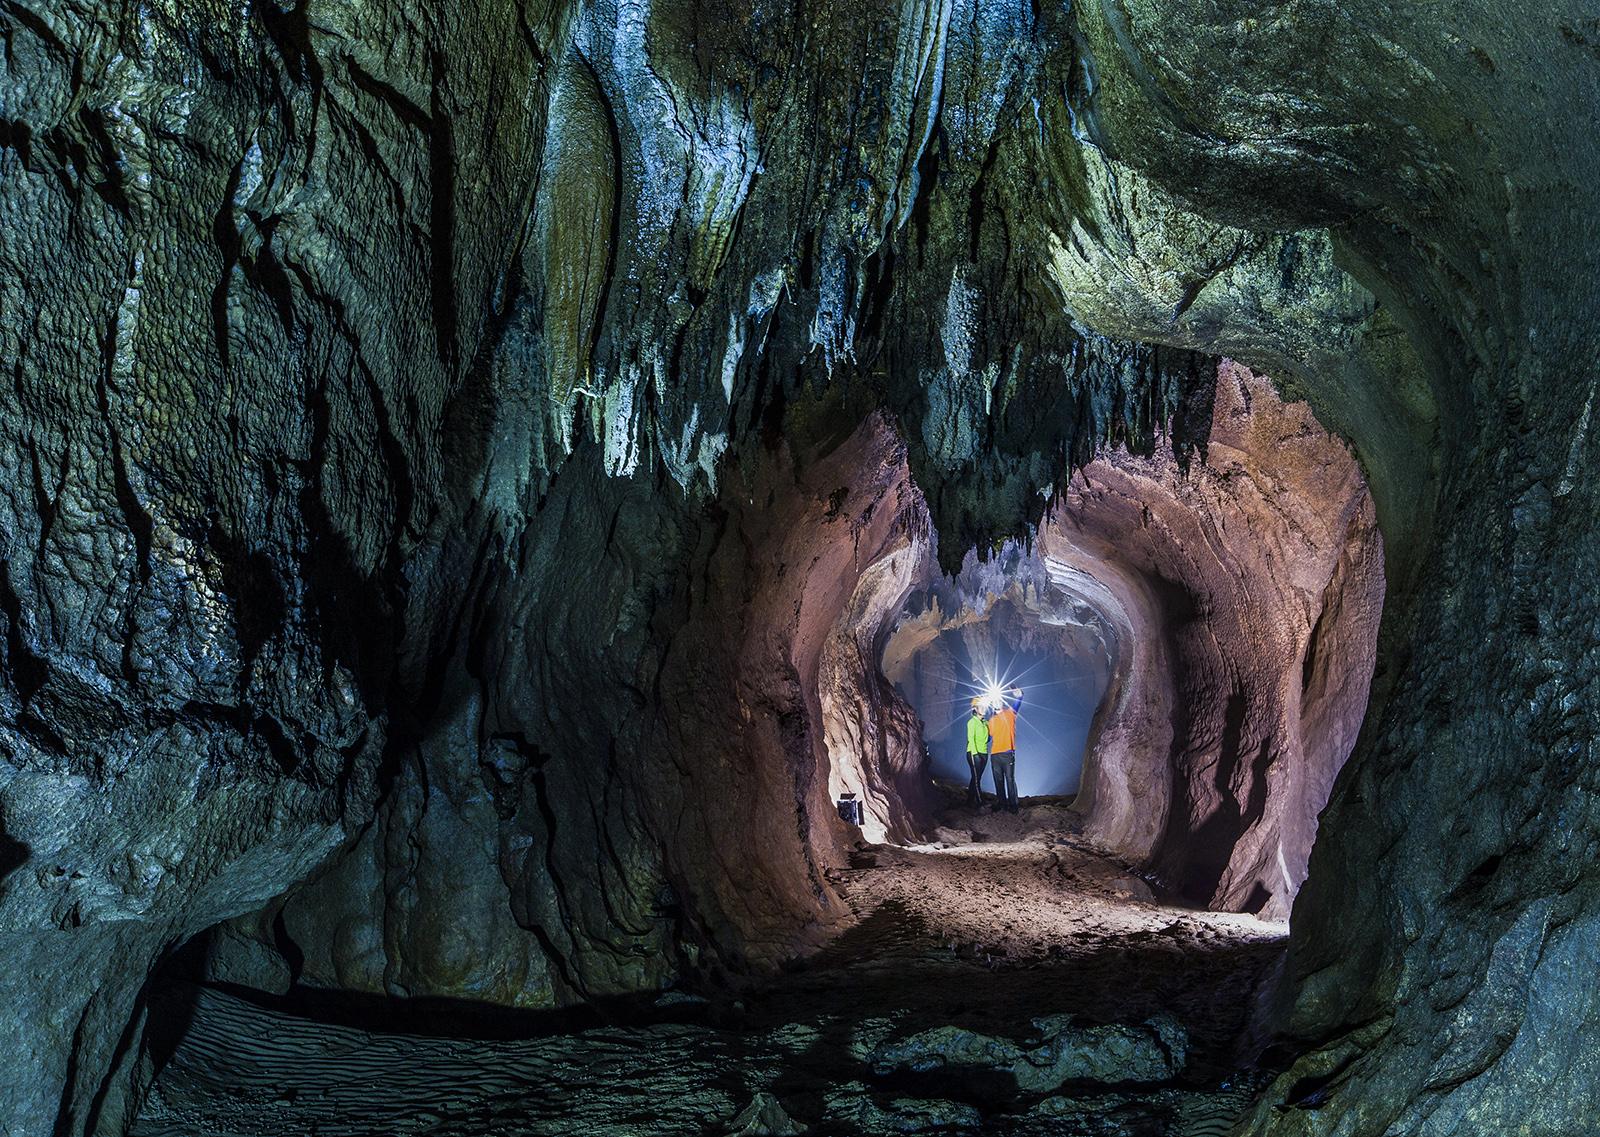 Hệ thống hang động hấp dẫn tại Lệ Thủy và Quảng Ninh